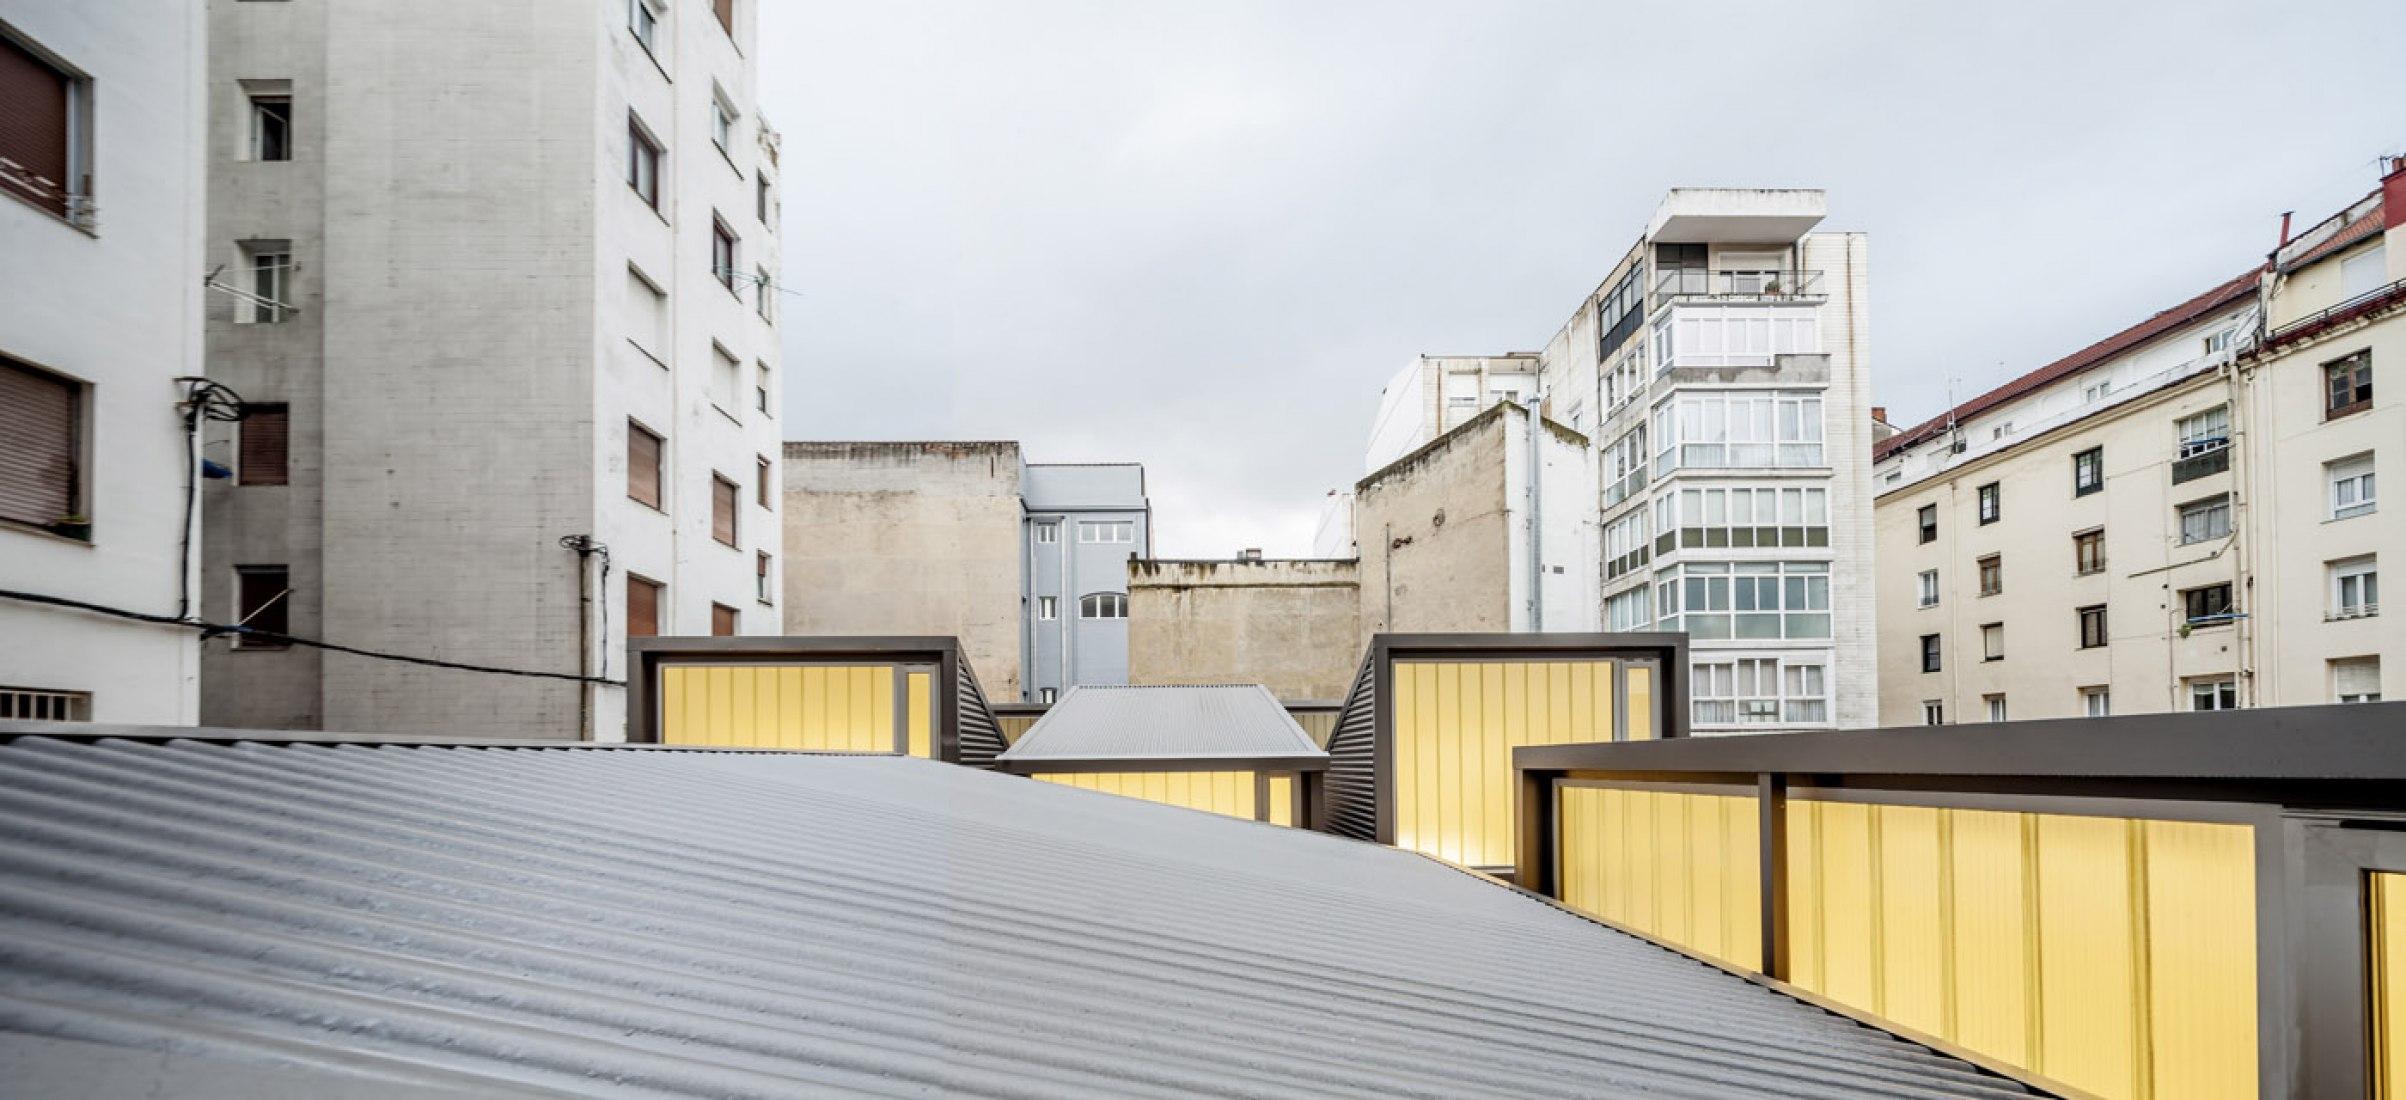 Galería CarrerasMugica en Bilbao de Estudio Herreros. Fotografía © Jaime Gartzia